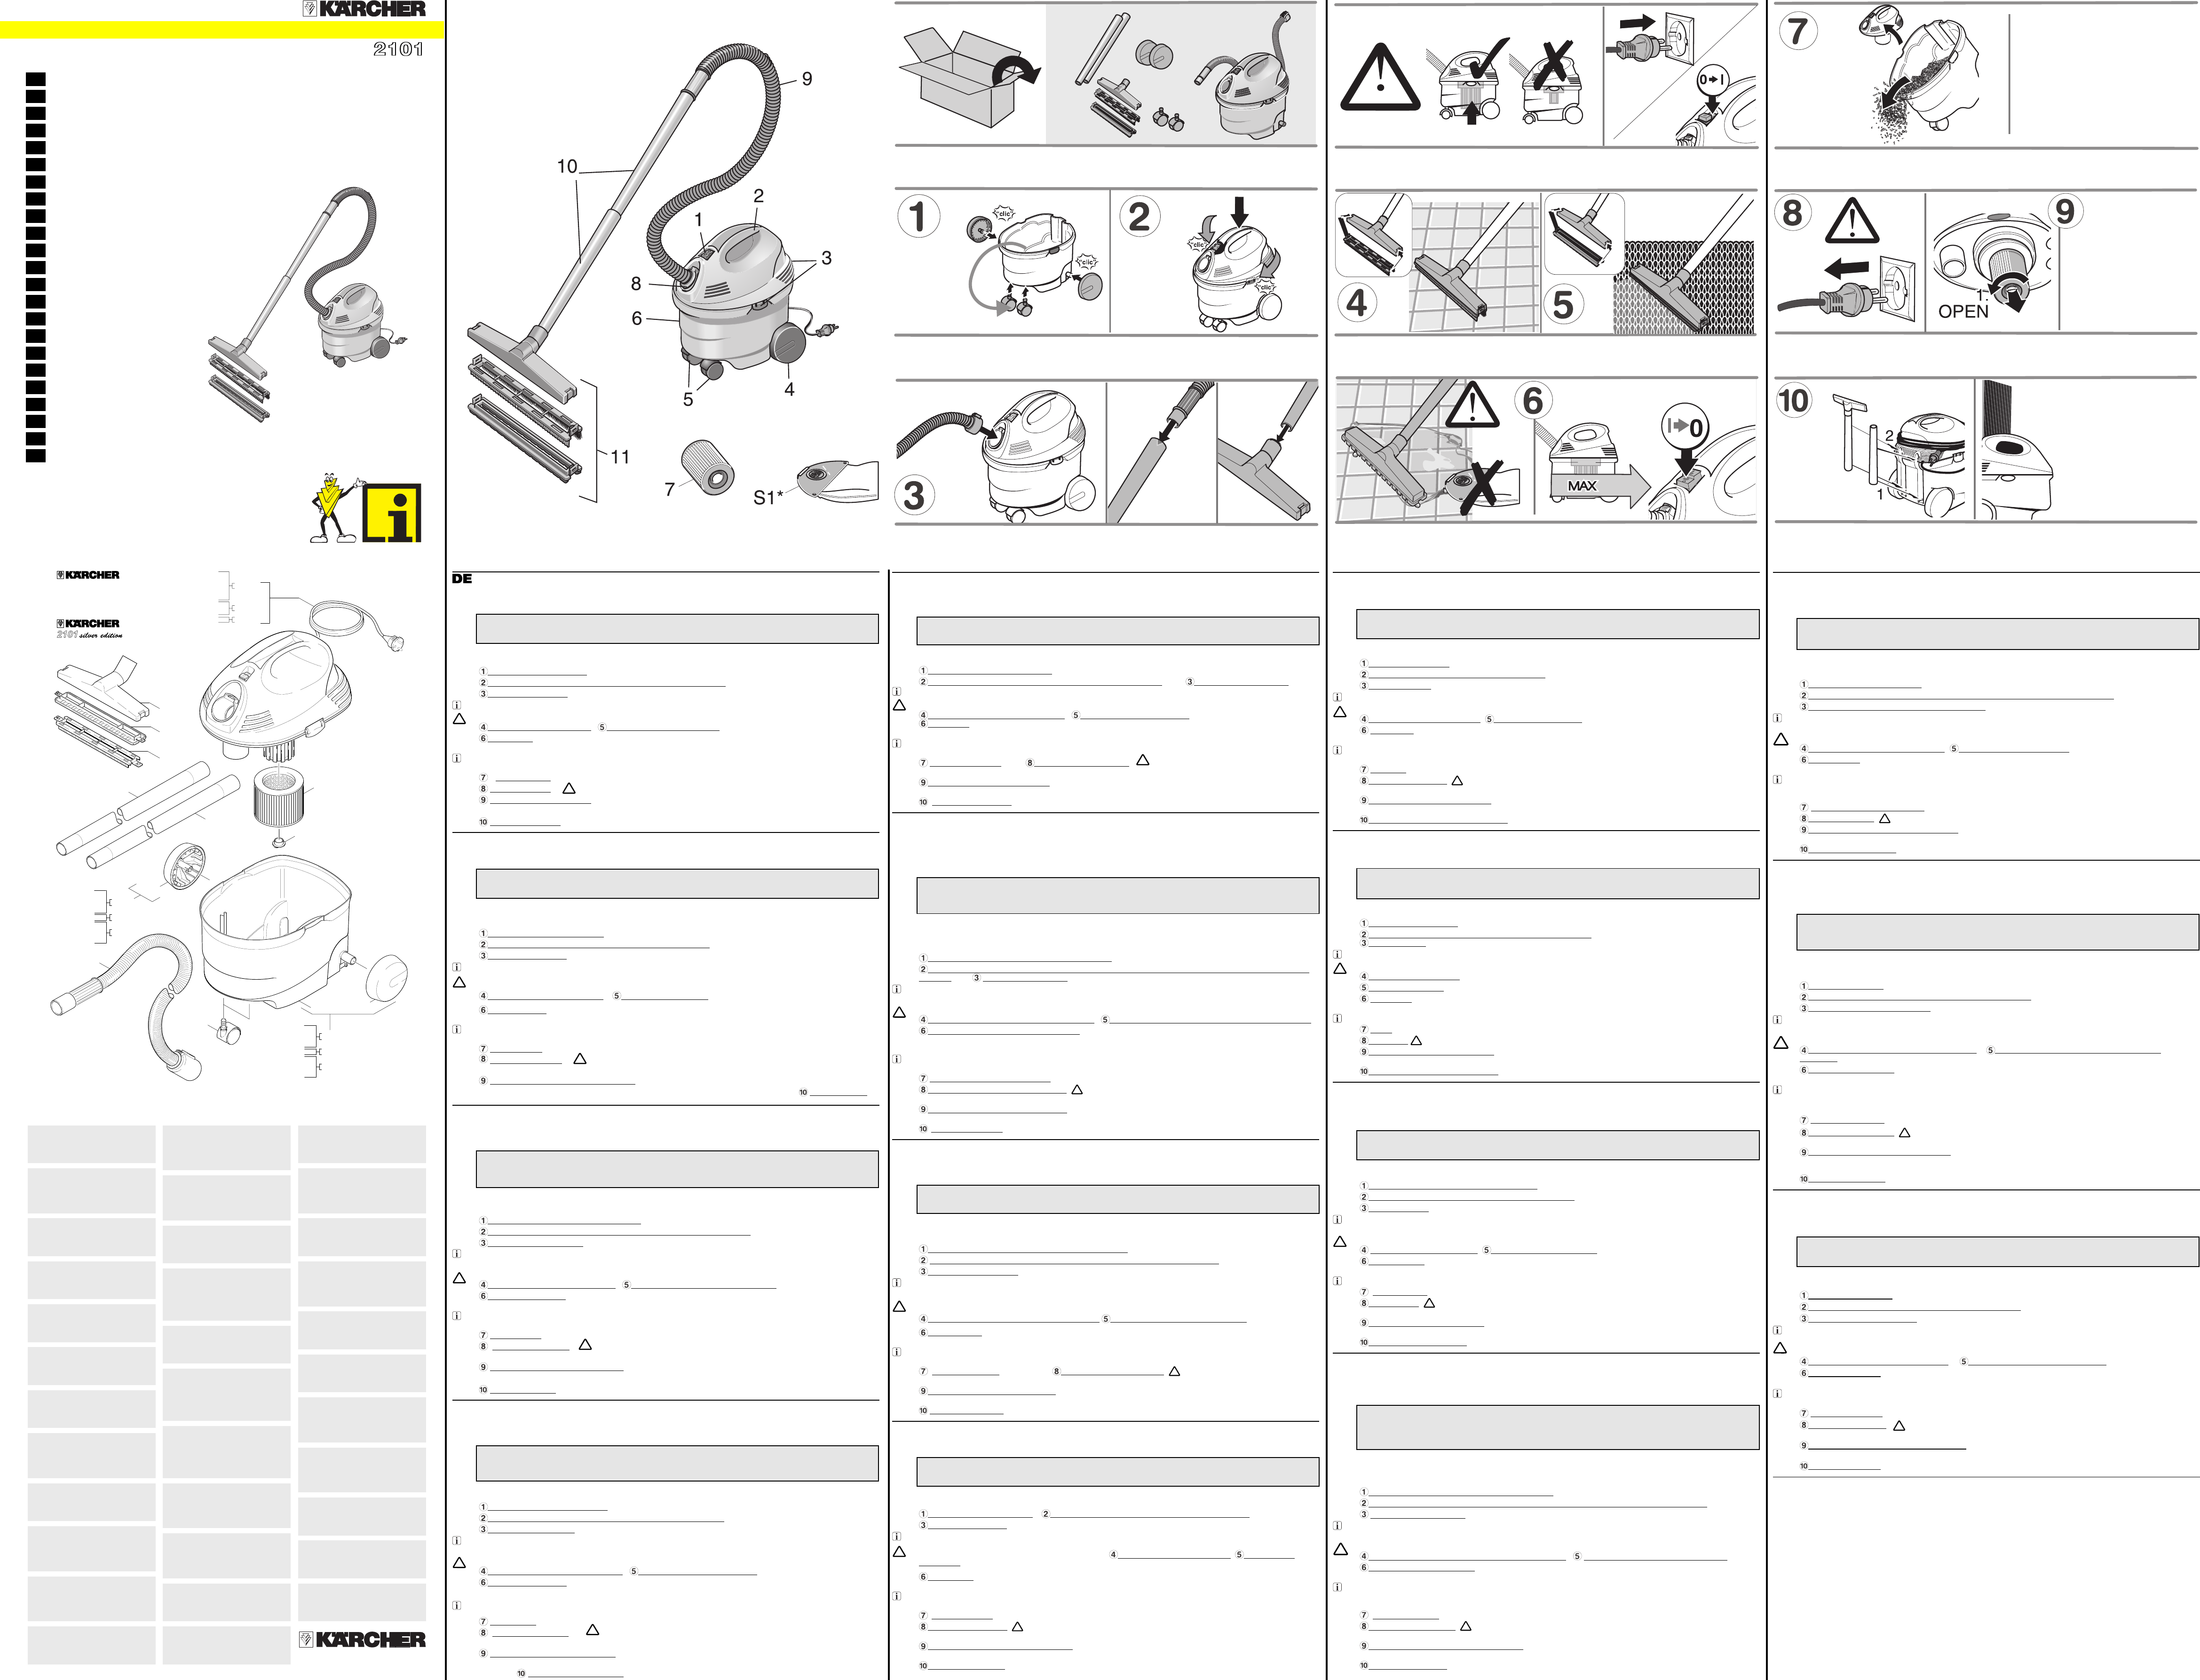 Handleiding Karcher K2101 Pagina 1 Van 2 Dansk Deutsch